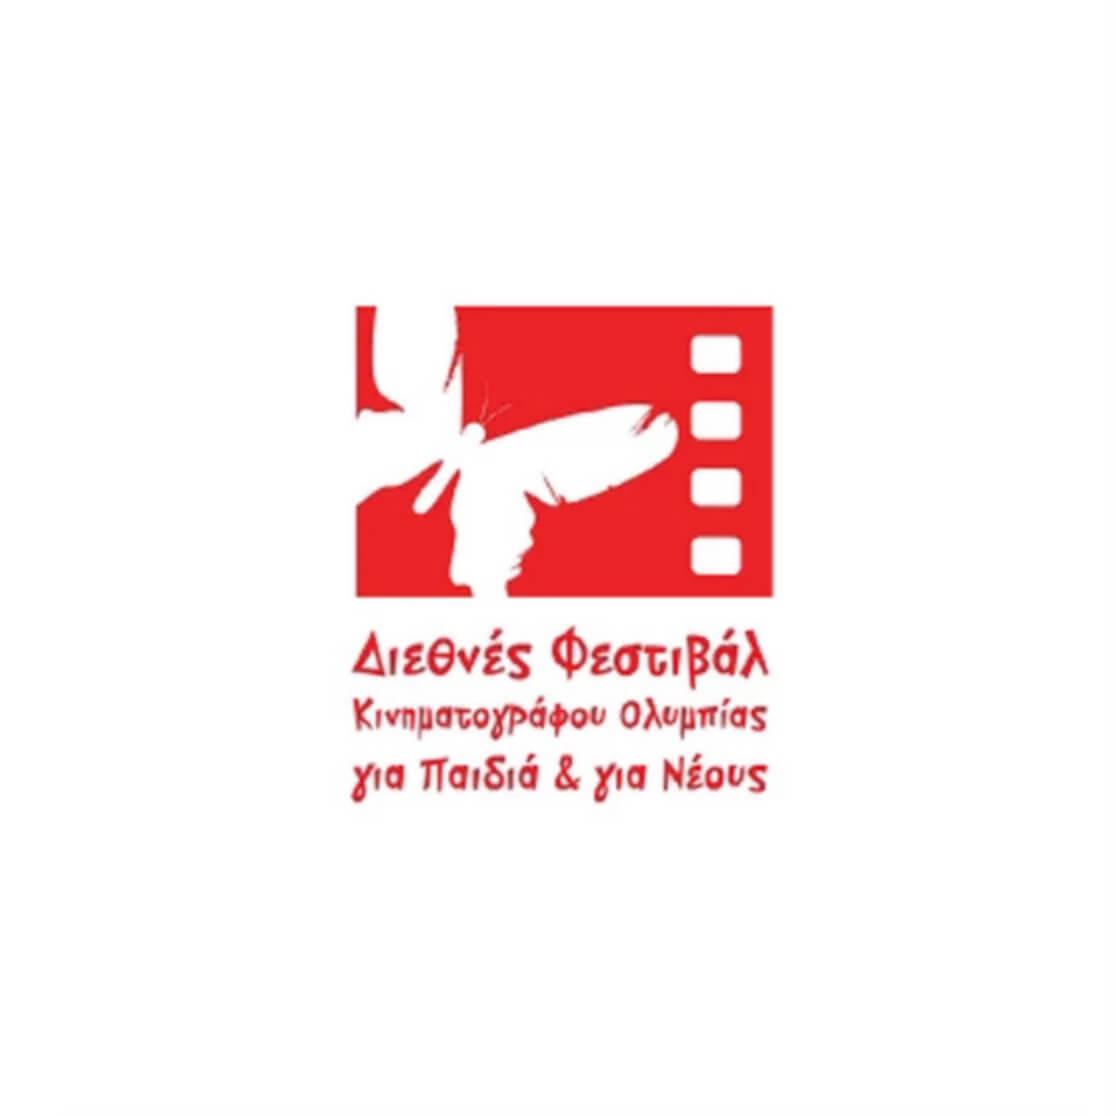 ΔΦ Ολυμπίας - Chania Film Festival